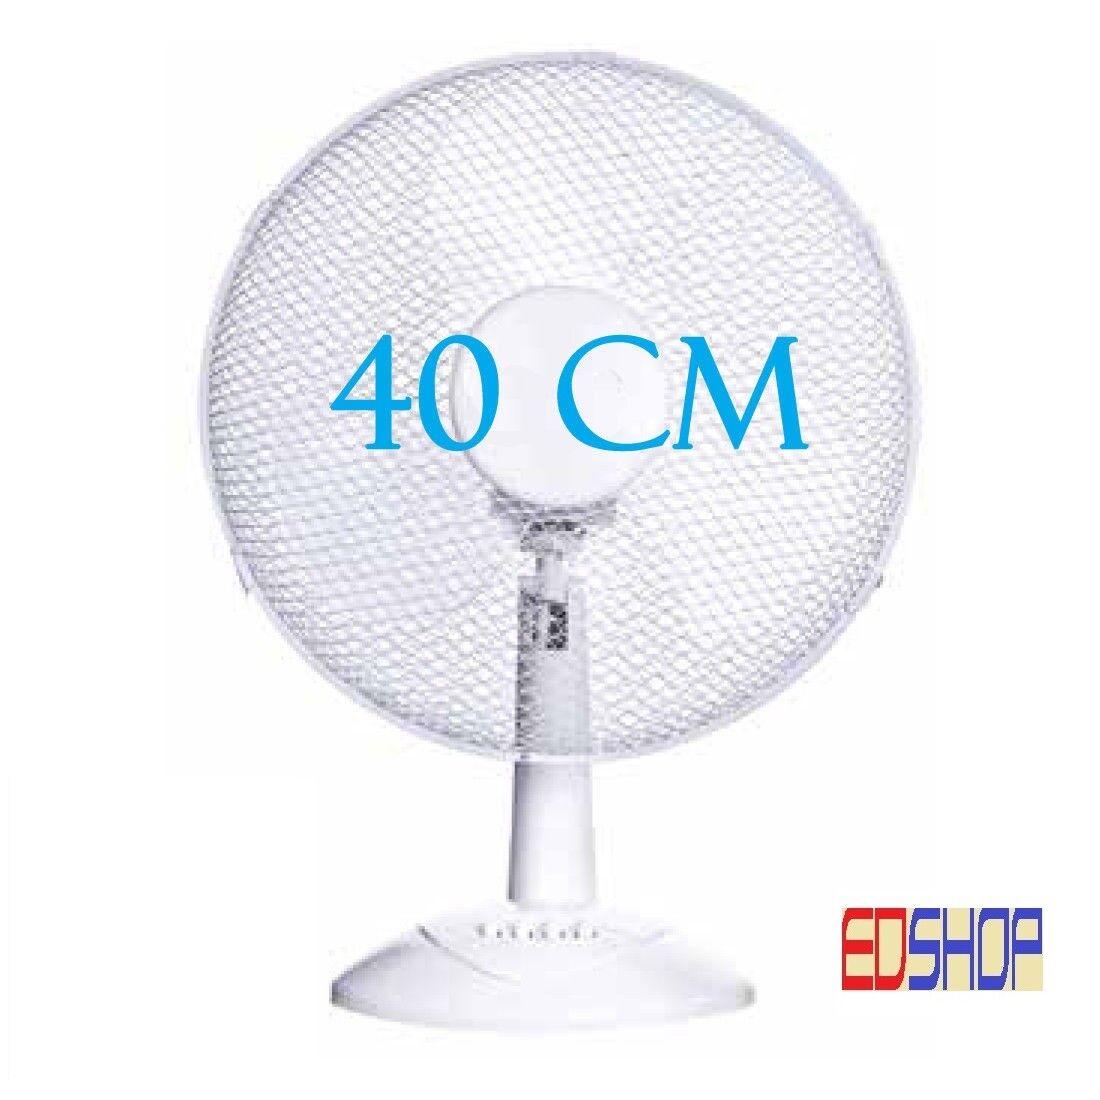 VENTILATORE DA TAVOLO DIAMETRO 40 CM BIANCO 3 VELOCITA' BASE CIRCOLARE OSCIL 90°